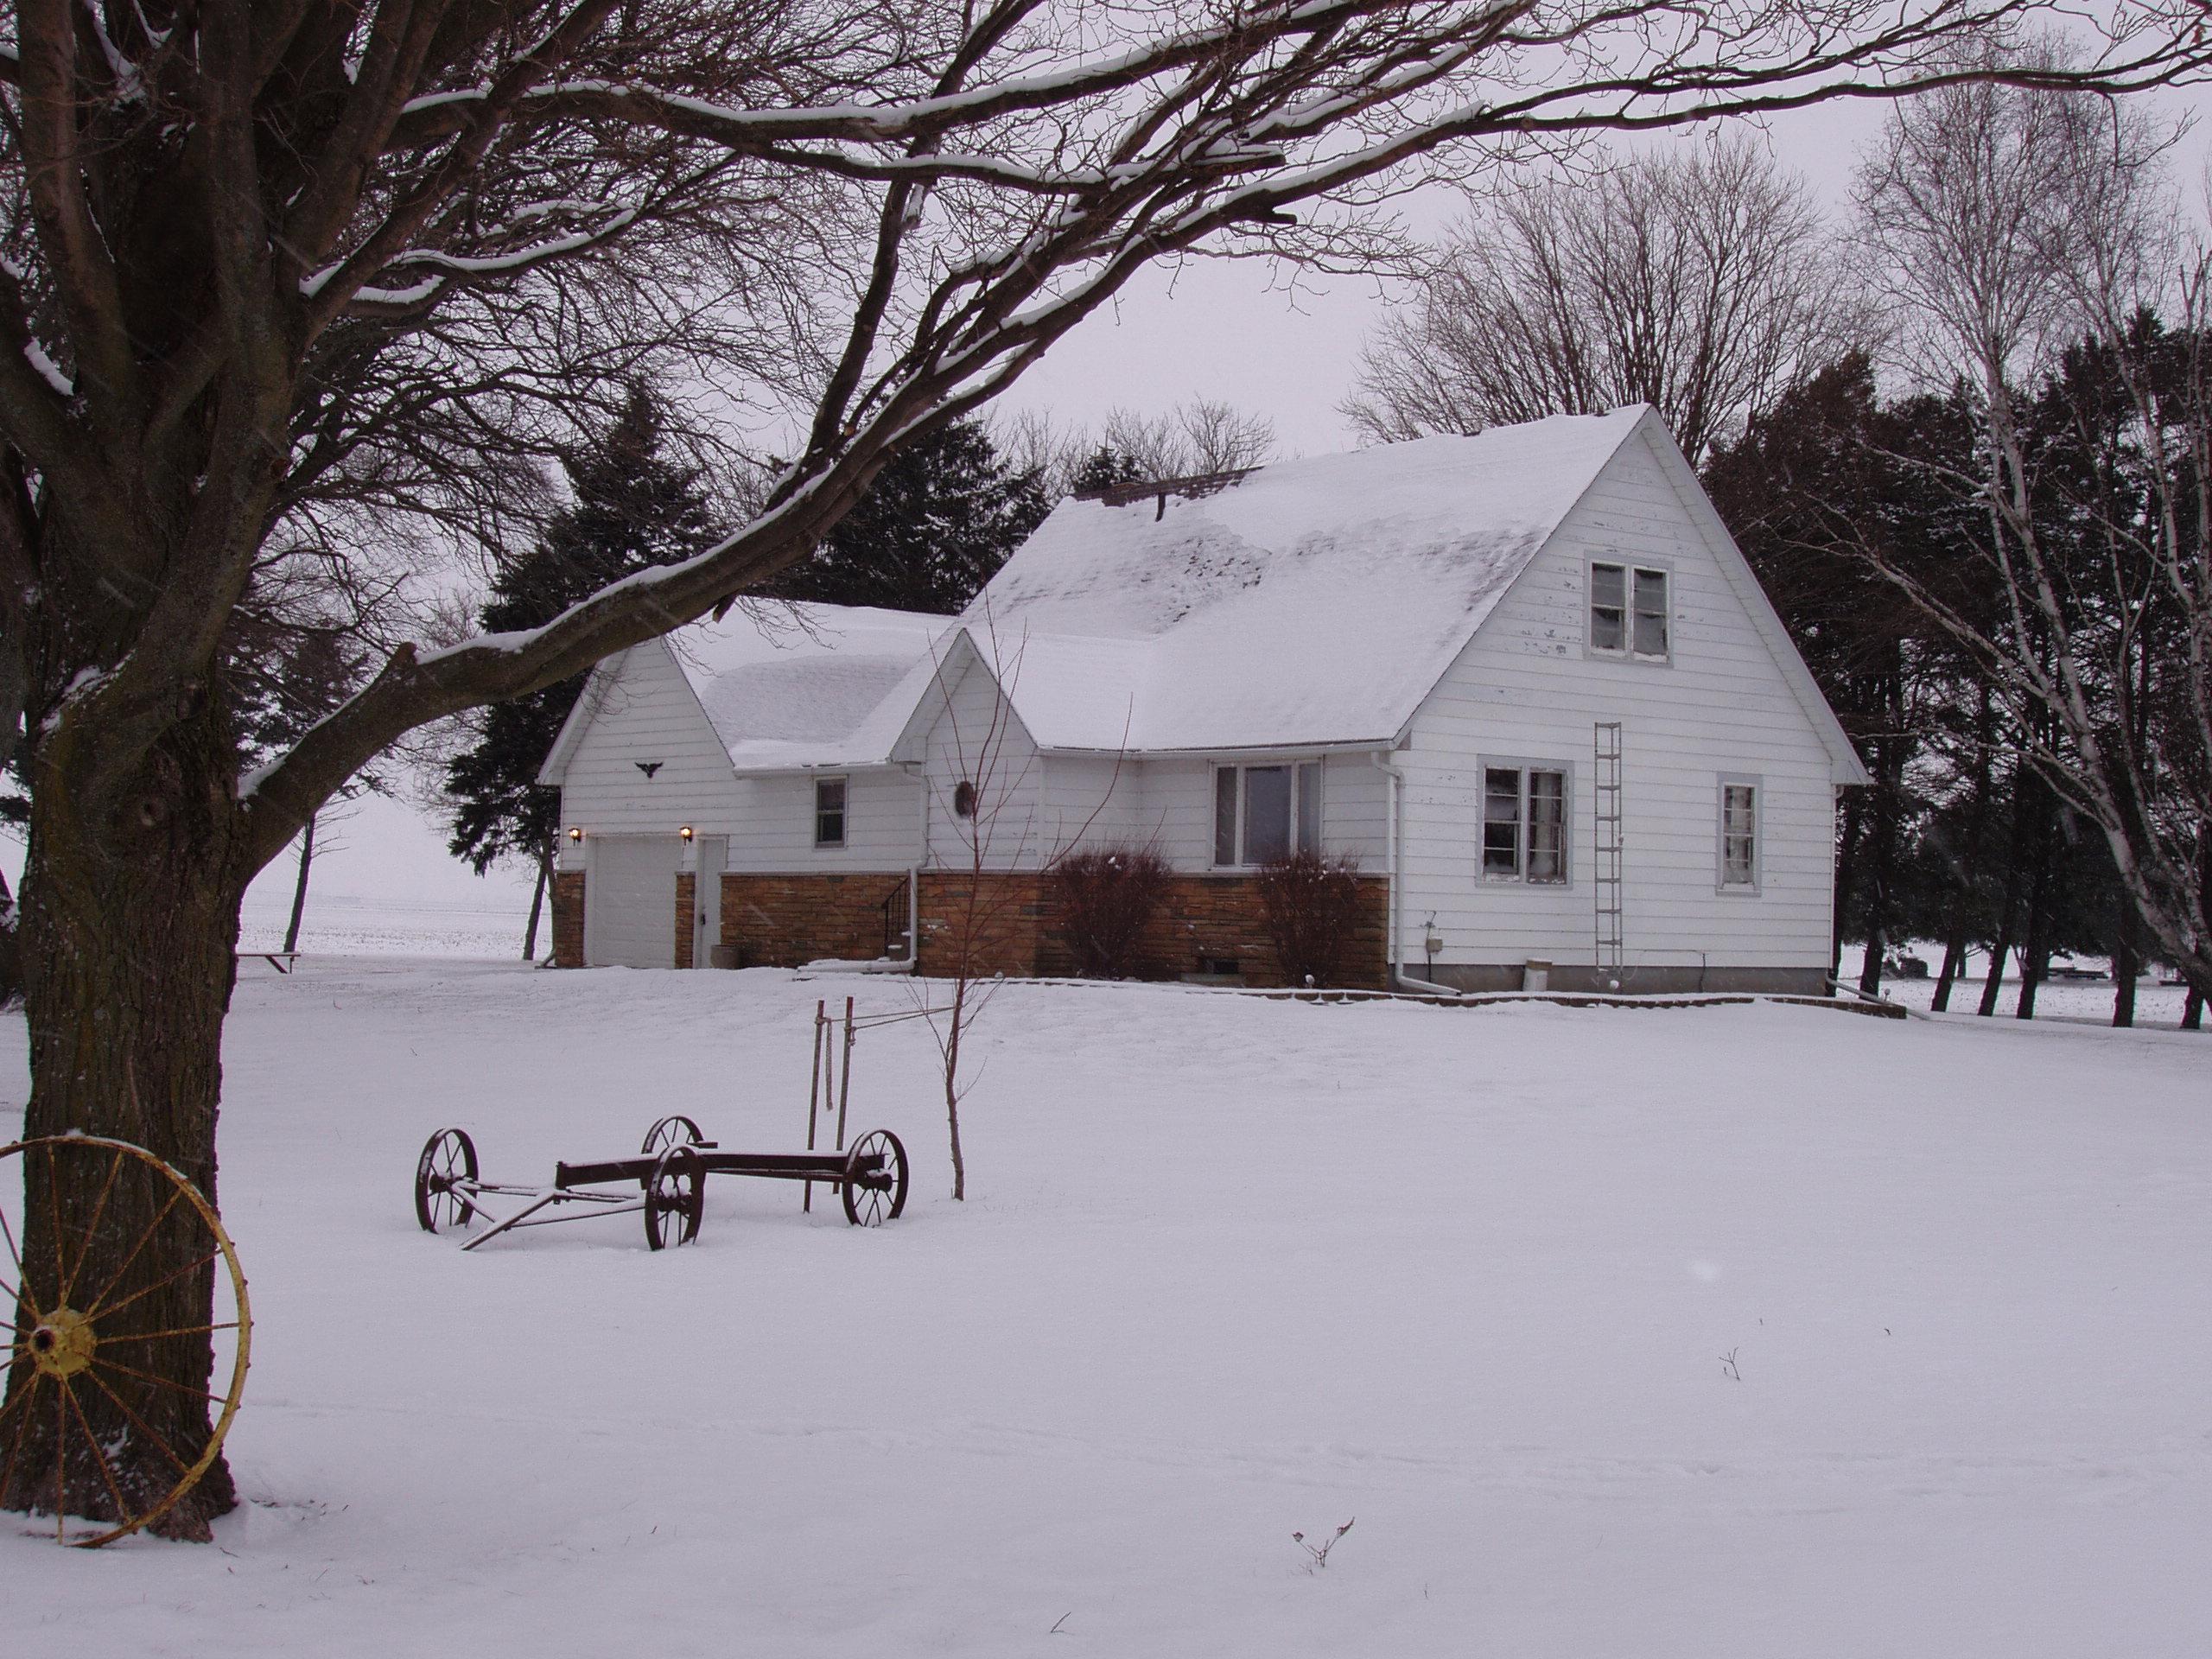 1519 State Route 251, Steward, Illinois 60553